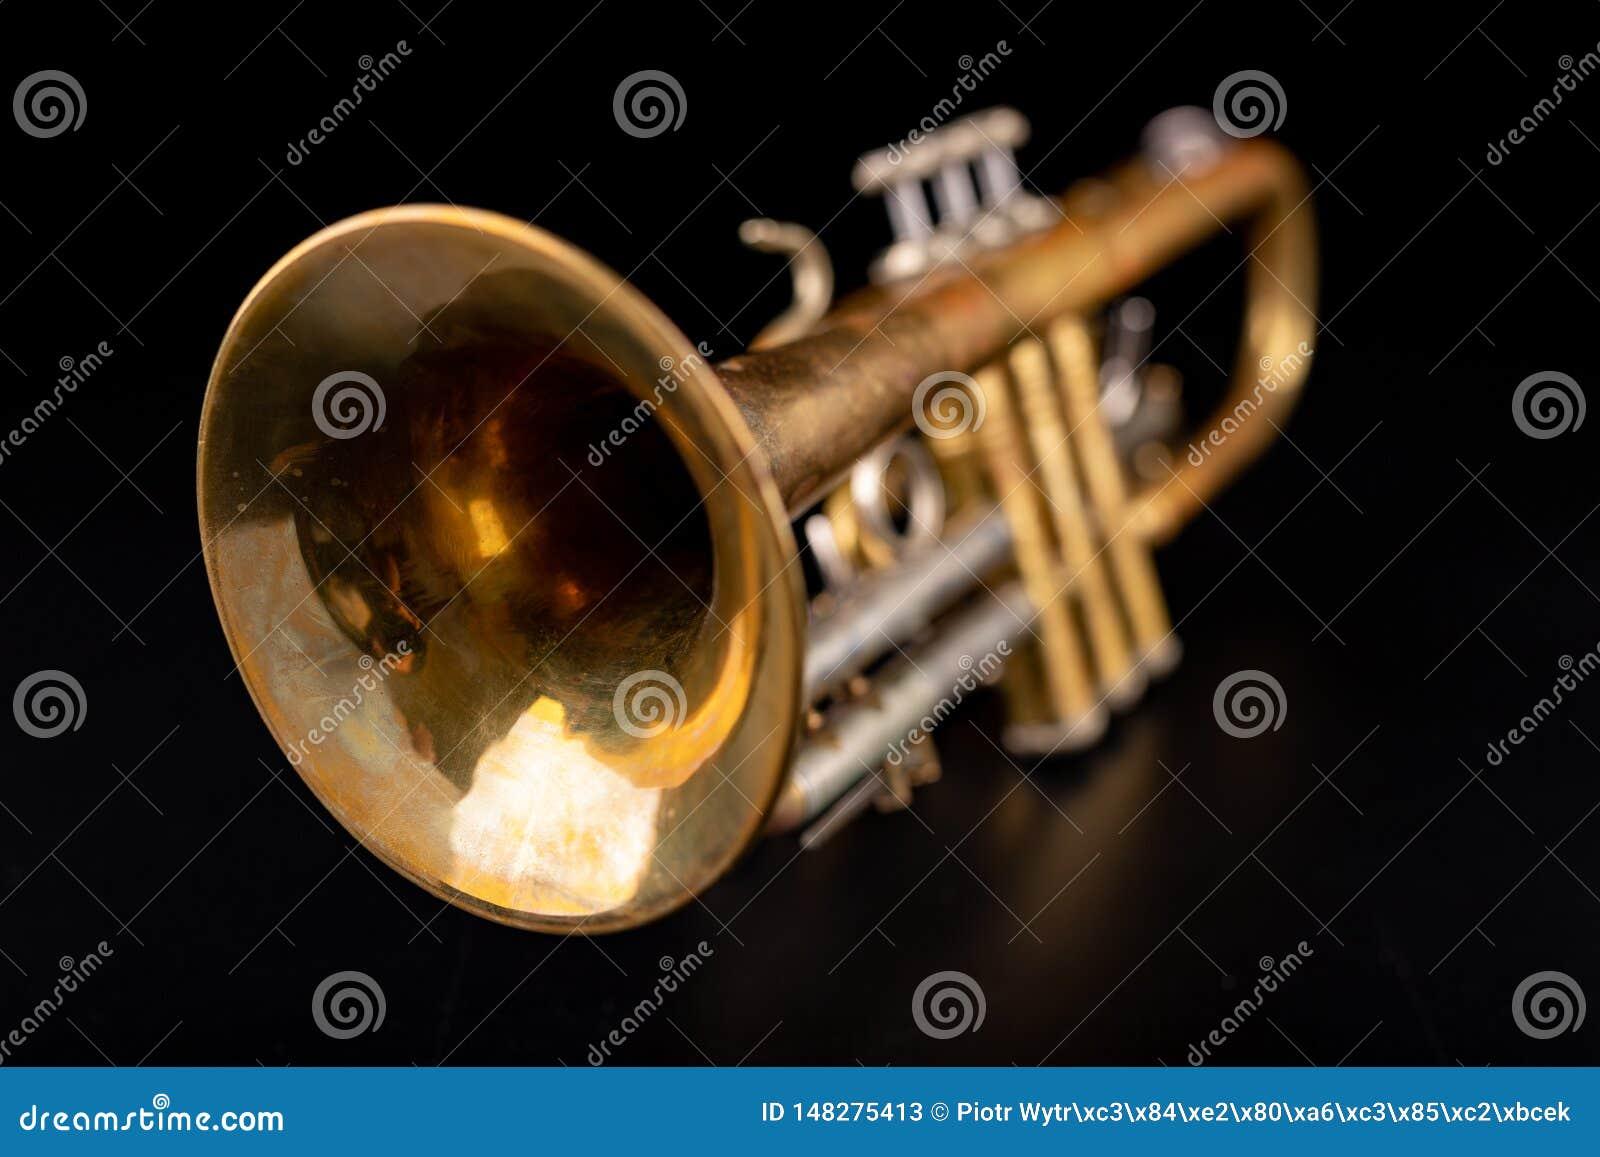 Vieille trompette sur une table en bois fonc?e Instrument de vent dans le style ancien